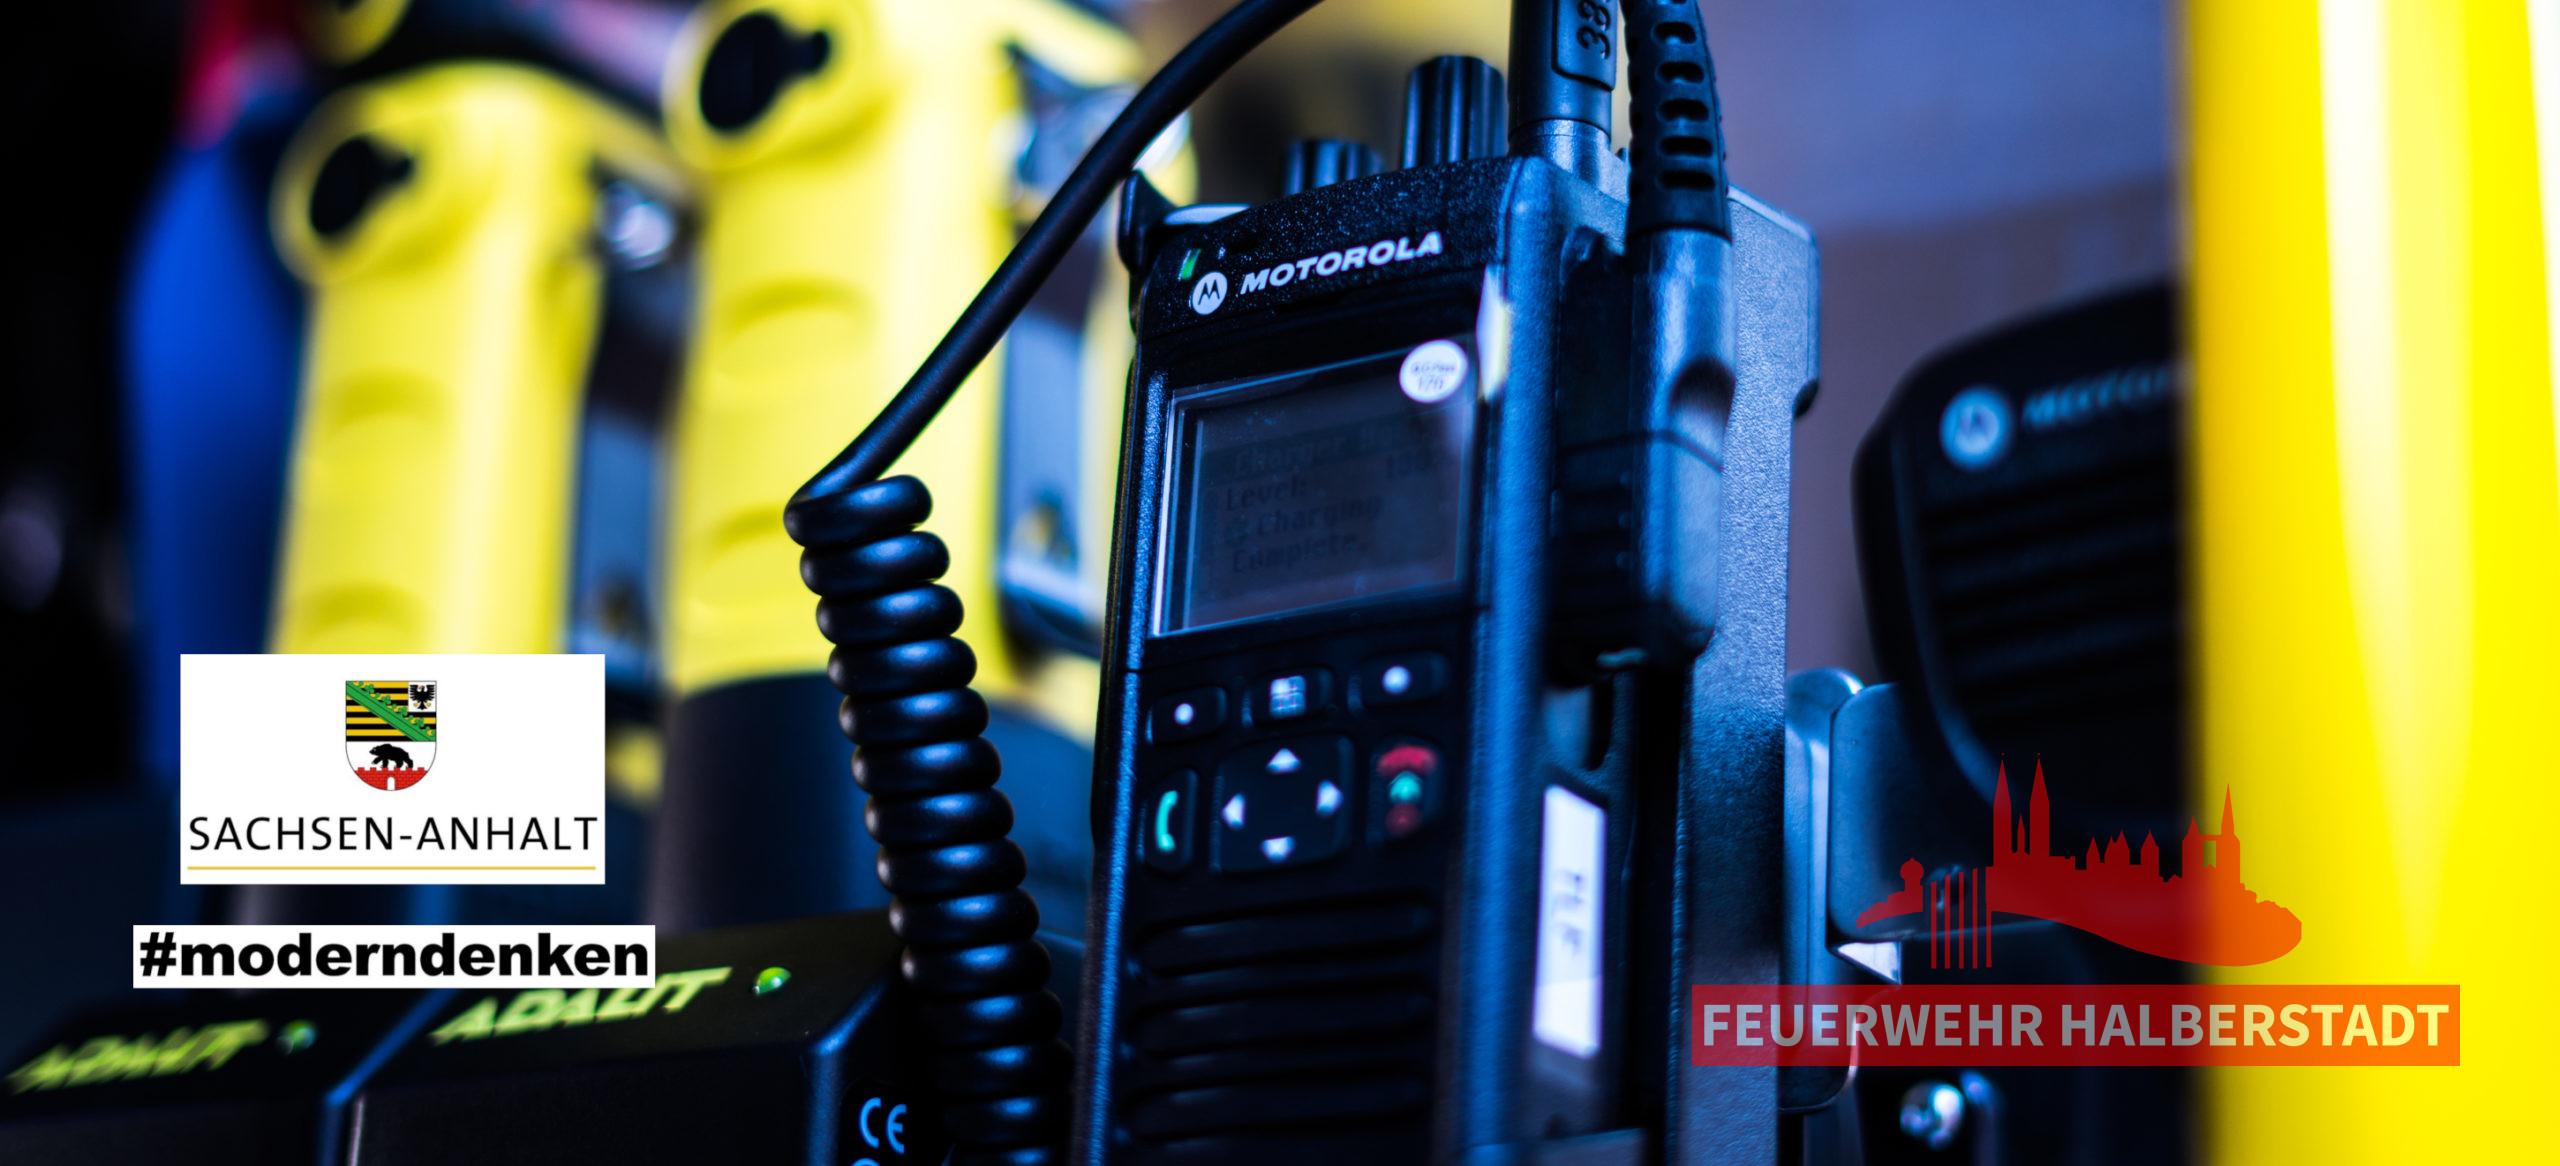 Anschaffung und Umrüstung neuer Funkgeräte abgeschlossen